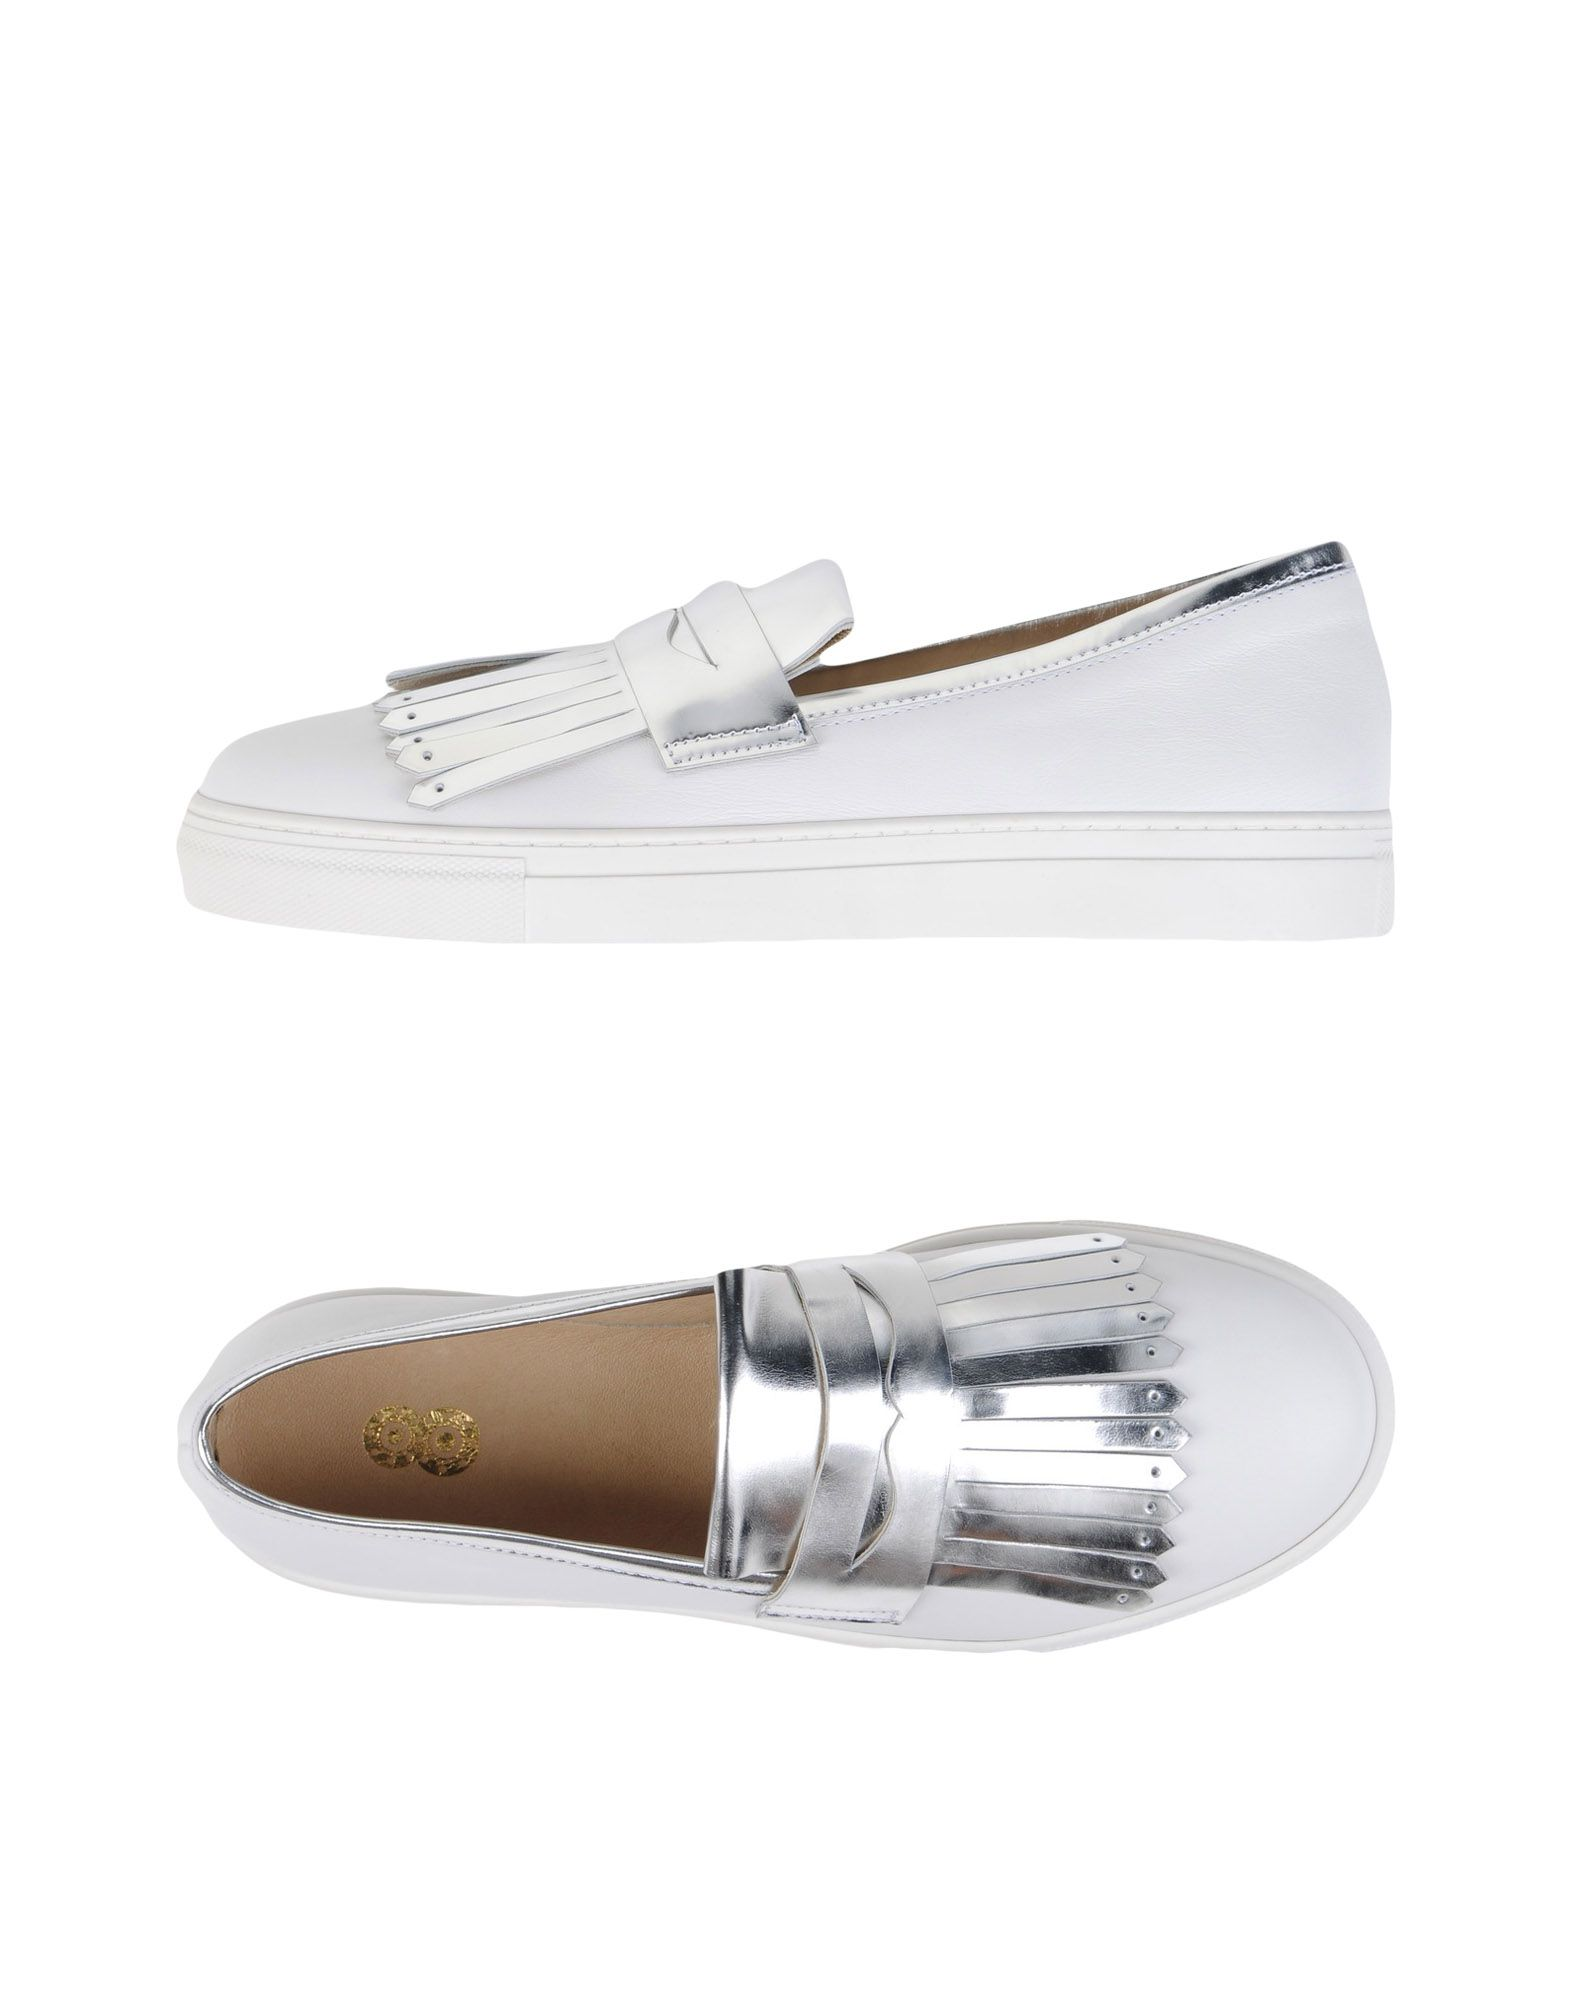 8 Sneakers Damen Damen Sneakers  11190476RO  5c07ed